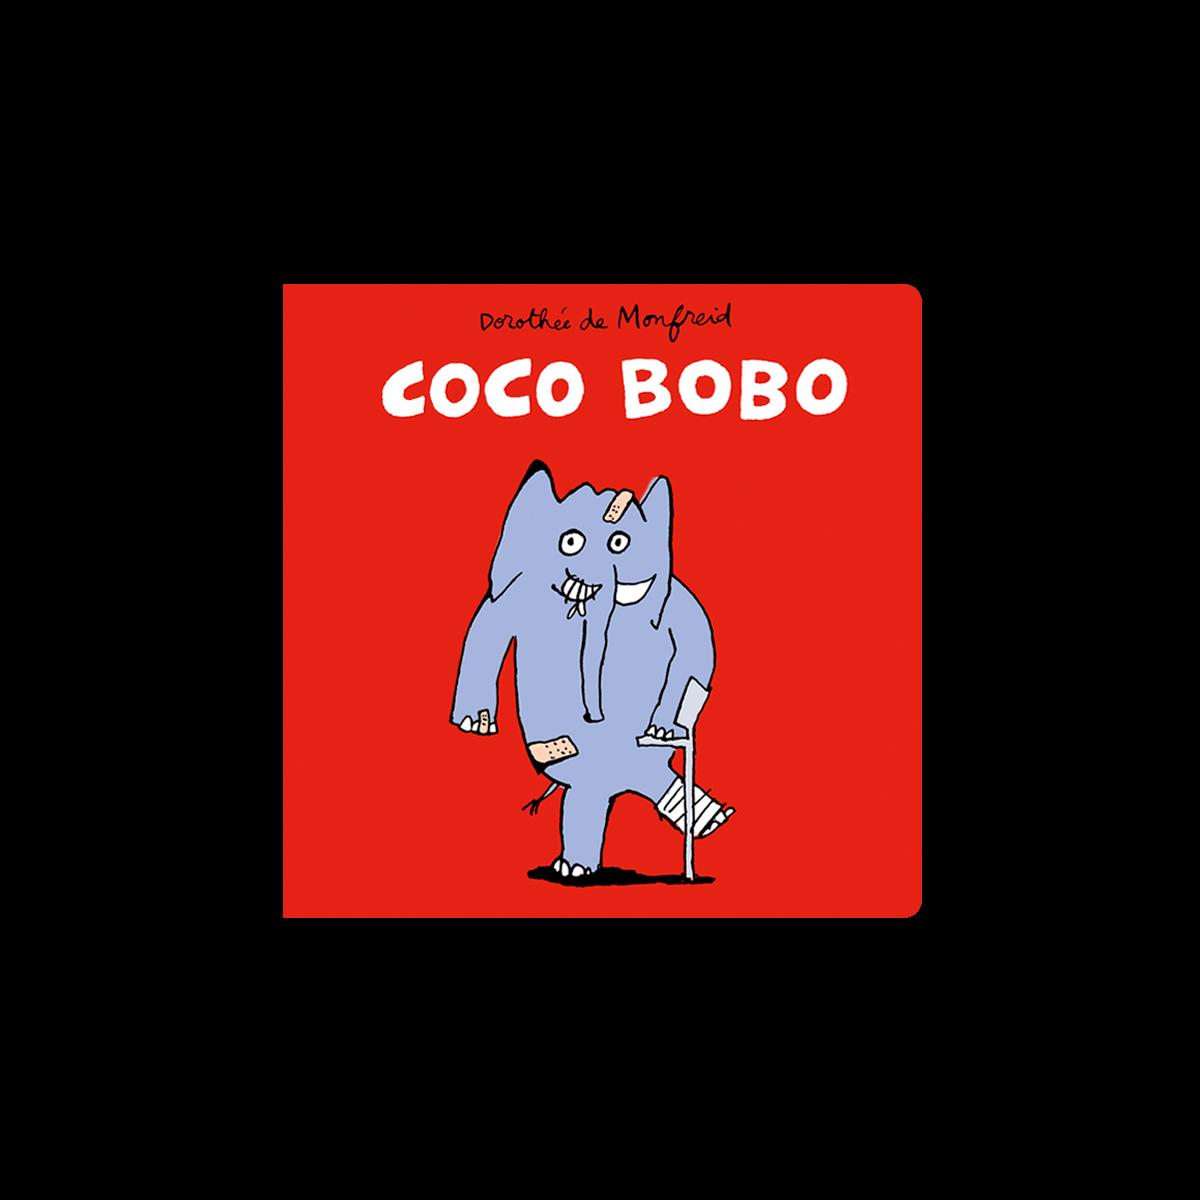 coco-bobo-couv2